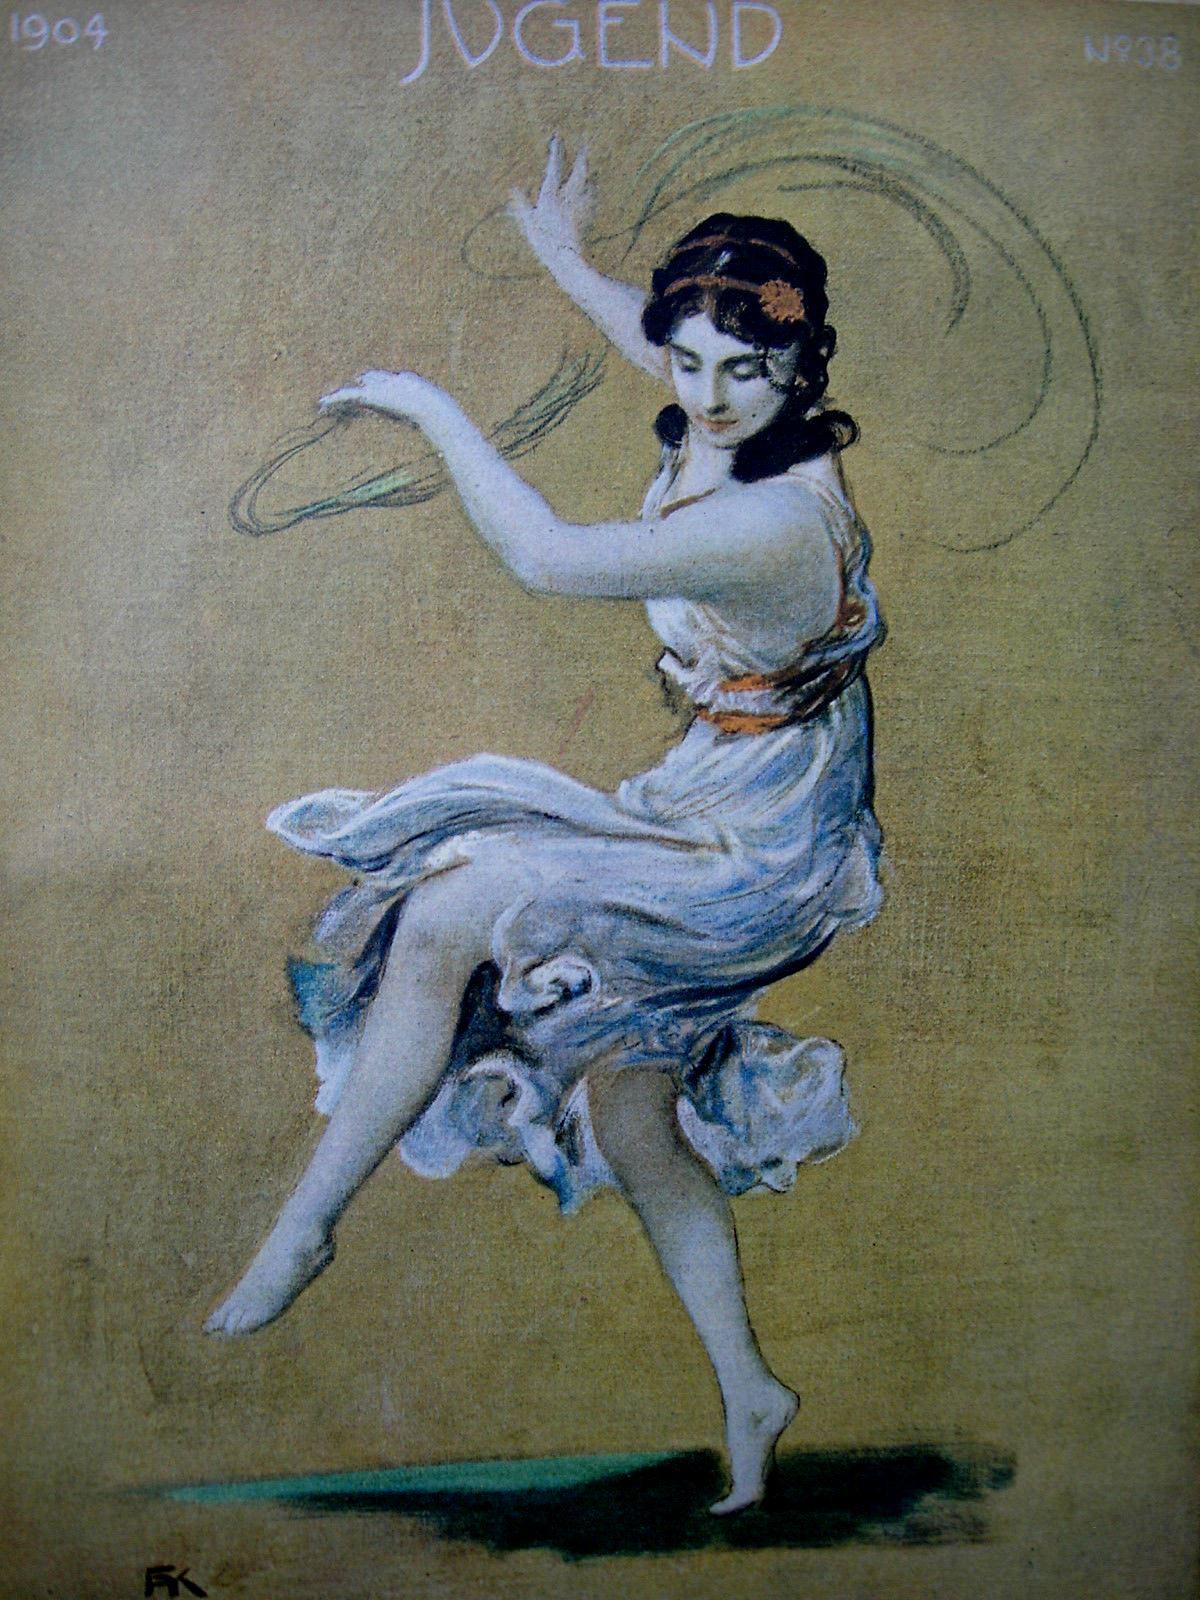 Jugend. Münchner illustrierte Wochenschrift für Kunst und Leben. 1904, Nr. 38. Illustrationen von F. A. v. Kaulbach. Isadora Duncan